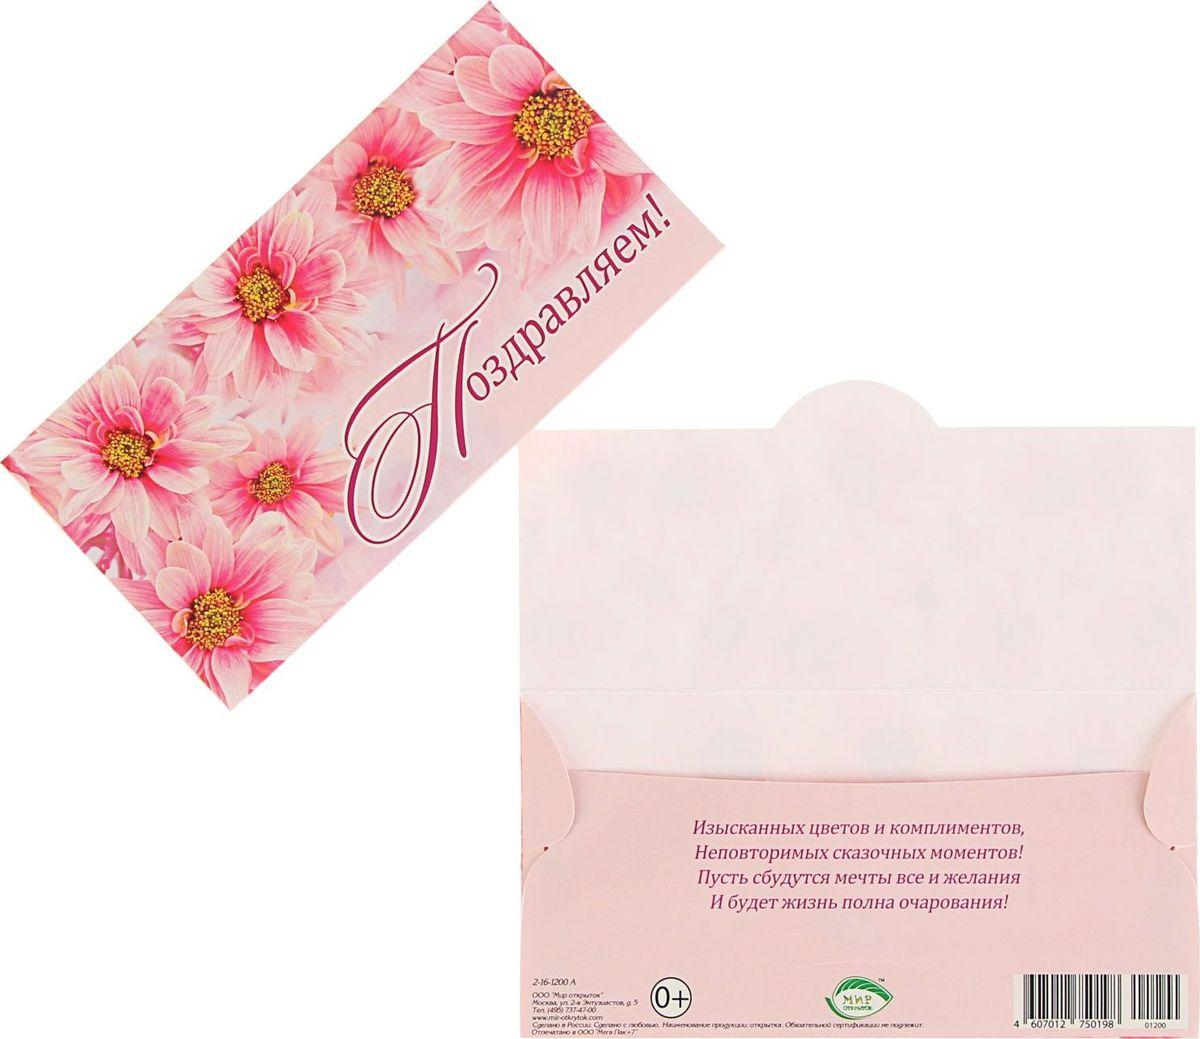 Конверт для денег Мир открыток Поздравляем! Розовые цветы, 16,4 х 8,4 см1796262Невозможно представить нашу жизнь без праздников! Мы всегда ждём их и предвкушаем, обдумываем, как проведём памятный день, тщательно выбираем подарки и аксессуары, ведь именно они создают и поддерживают торжественный настрой. Этот конверт - отличный выбор, который привнесёт атмосферу праздника в ваш дом!